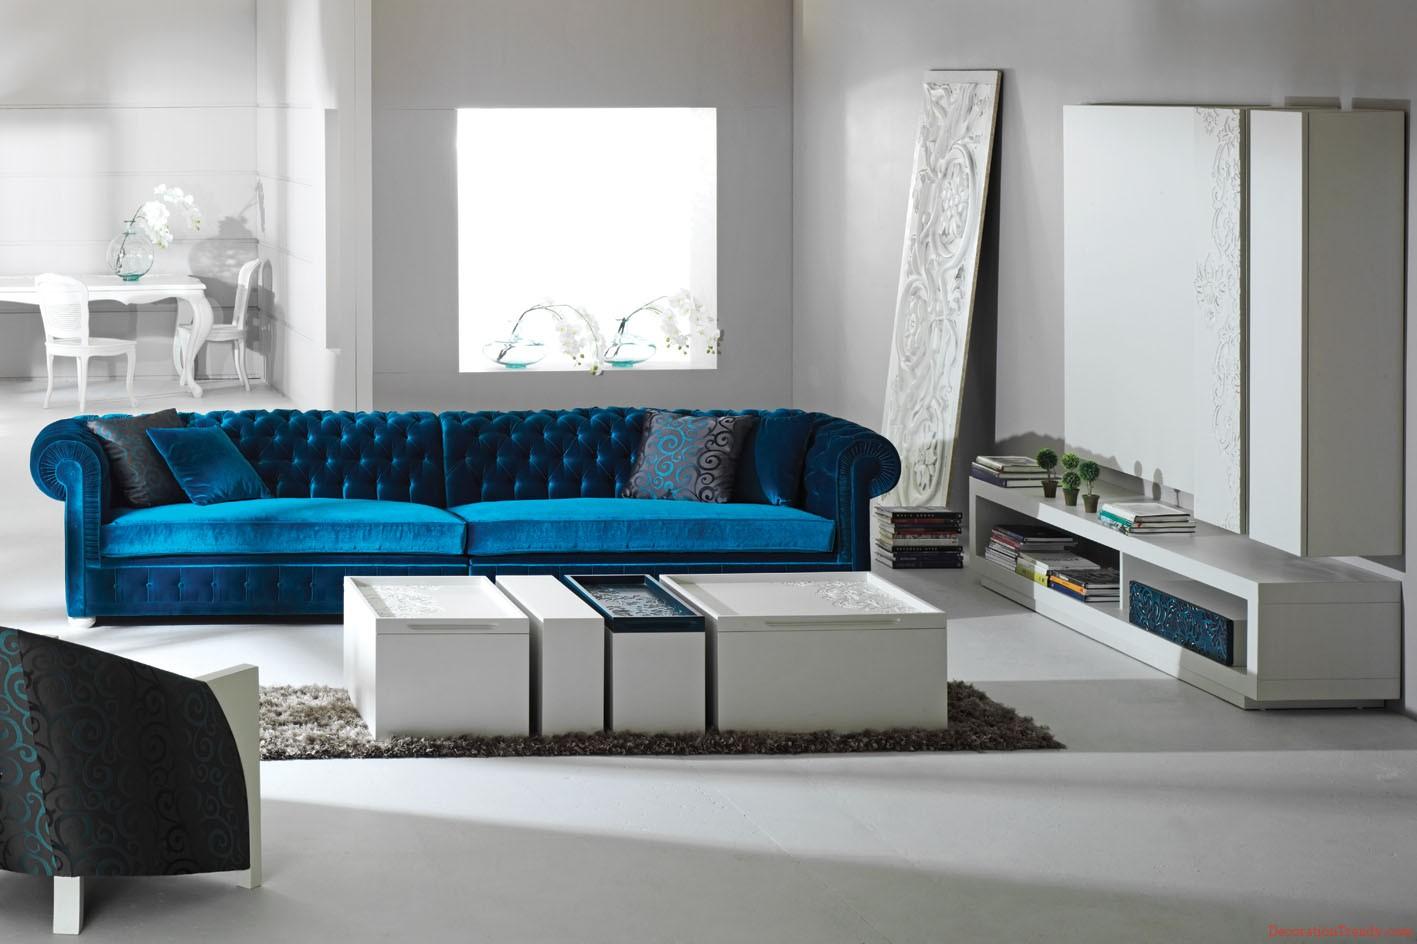 modern home furniture modern home design furniture pictures on epic home designing DSTIKFU